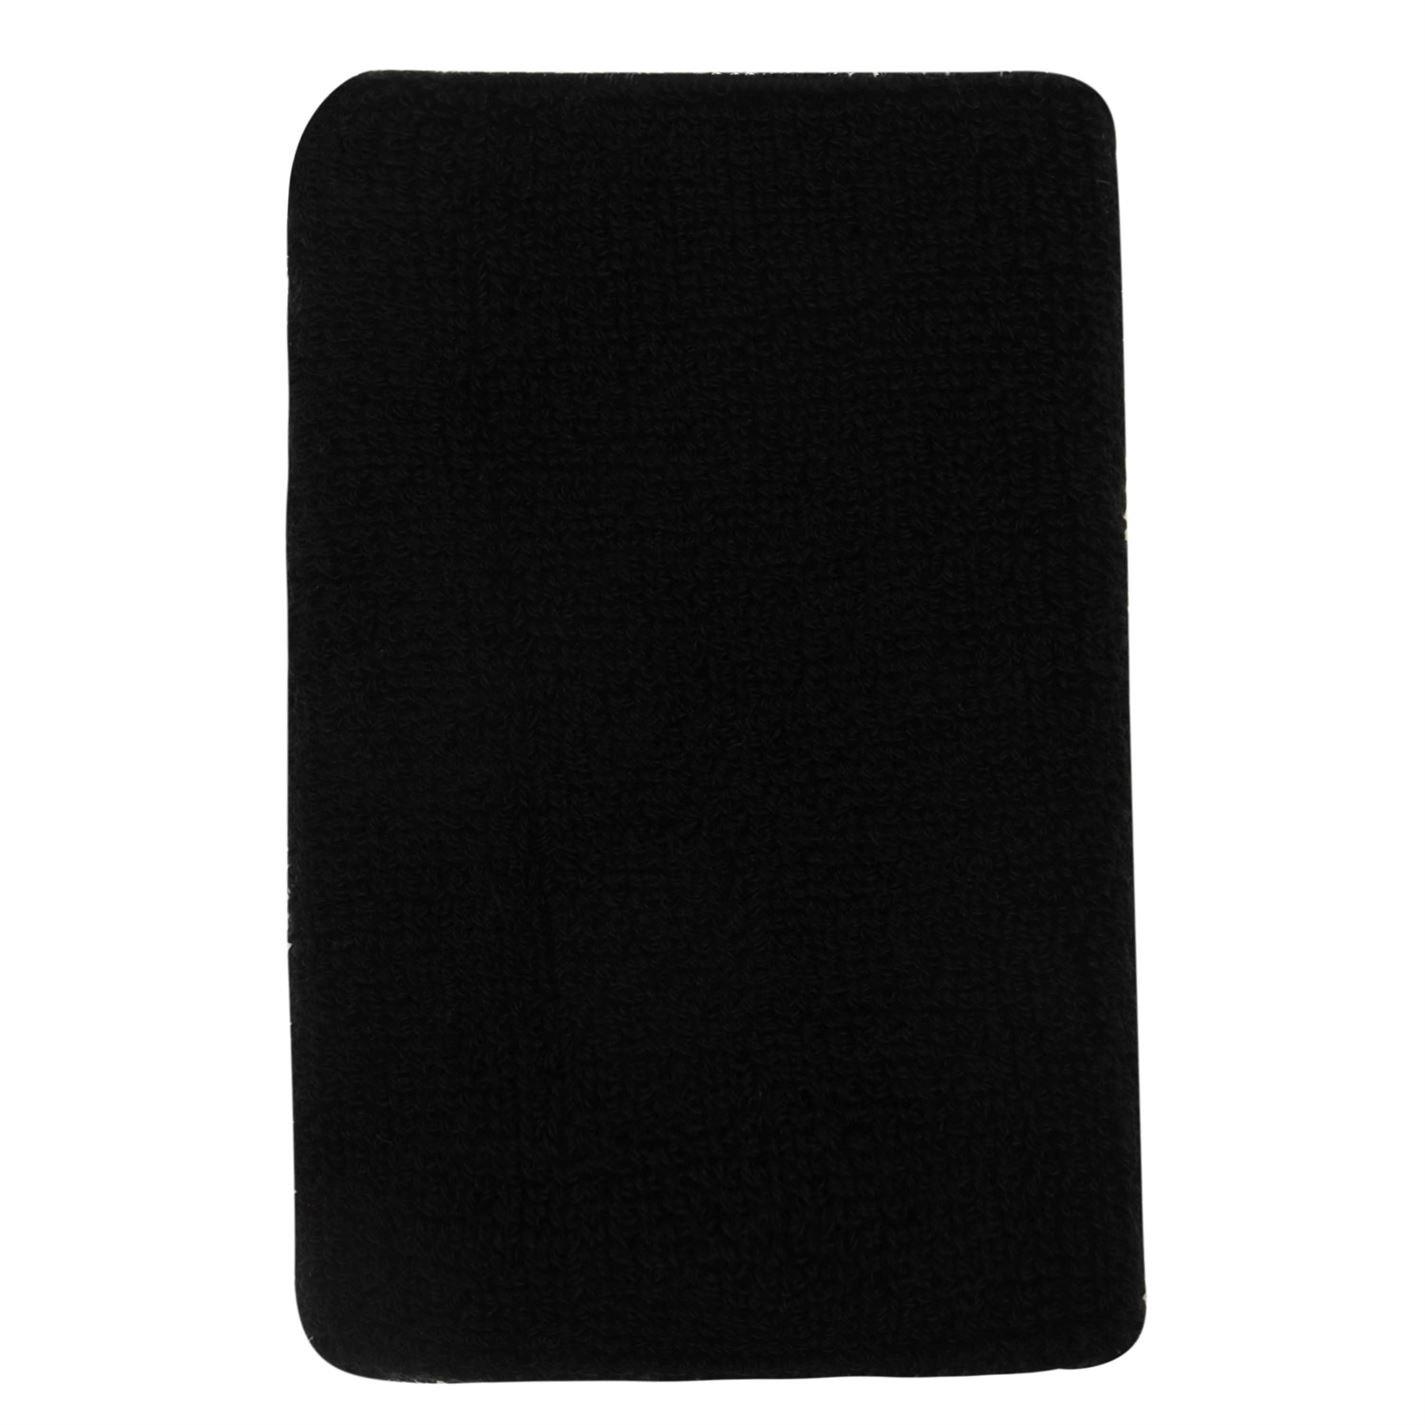 760ec97b7c Slazenger Unisex 2 Pack Double Wristbands Black One Size: Amazon.co.uk:  Clothing